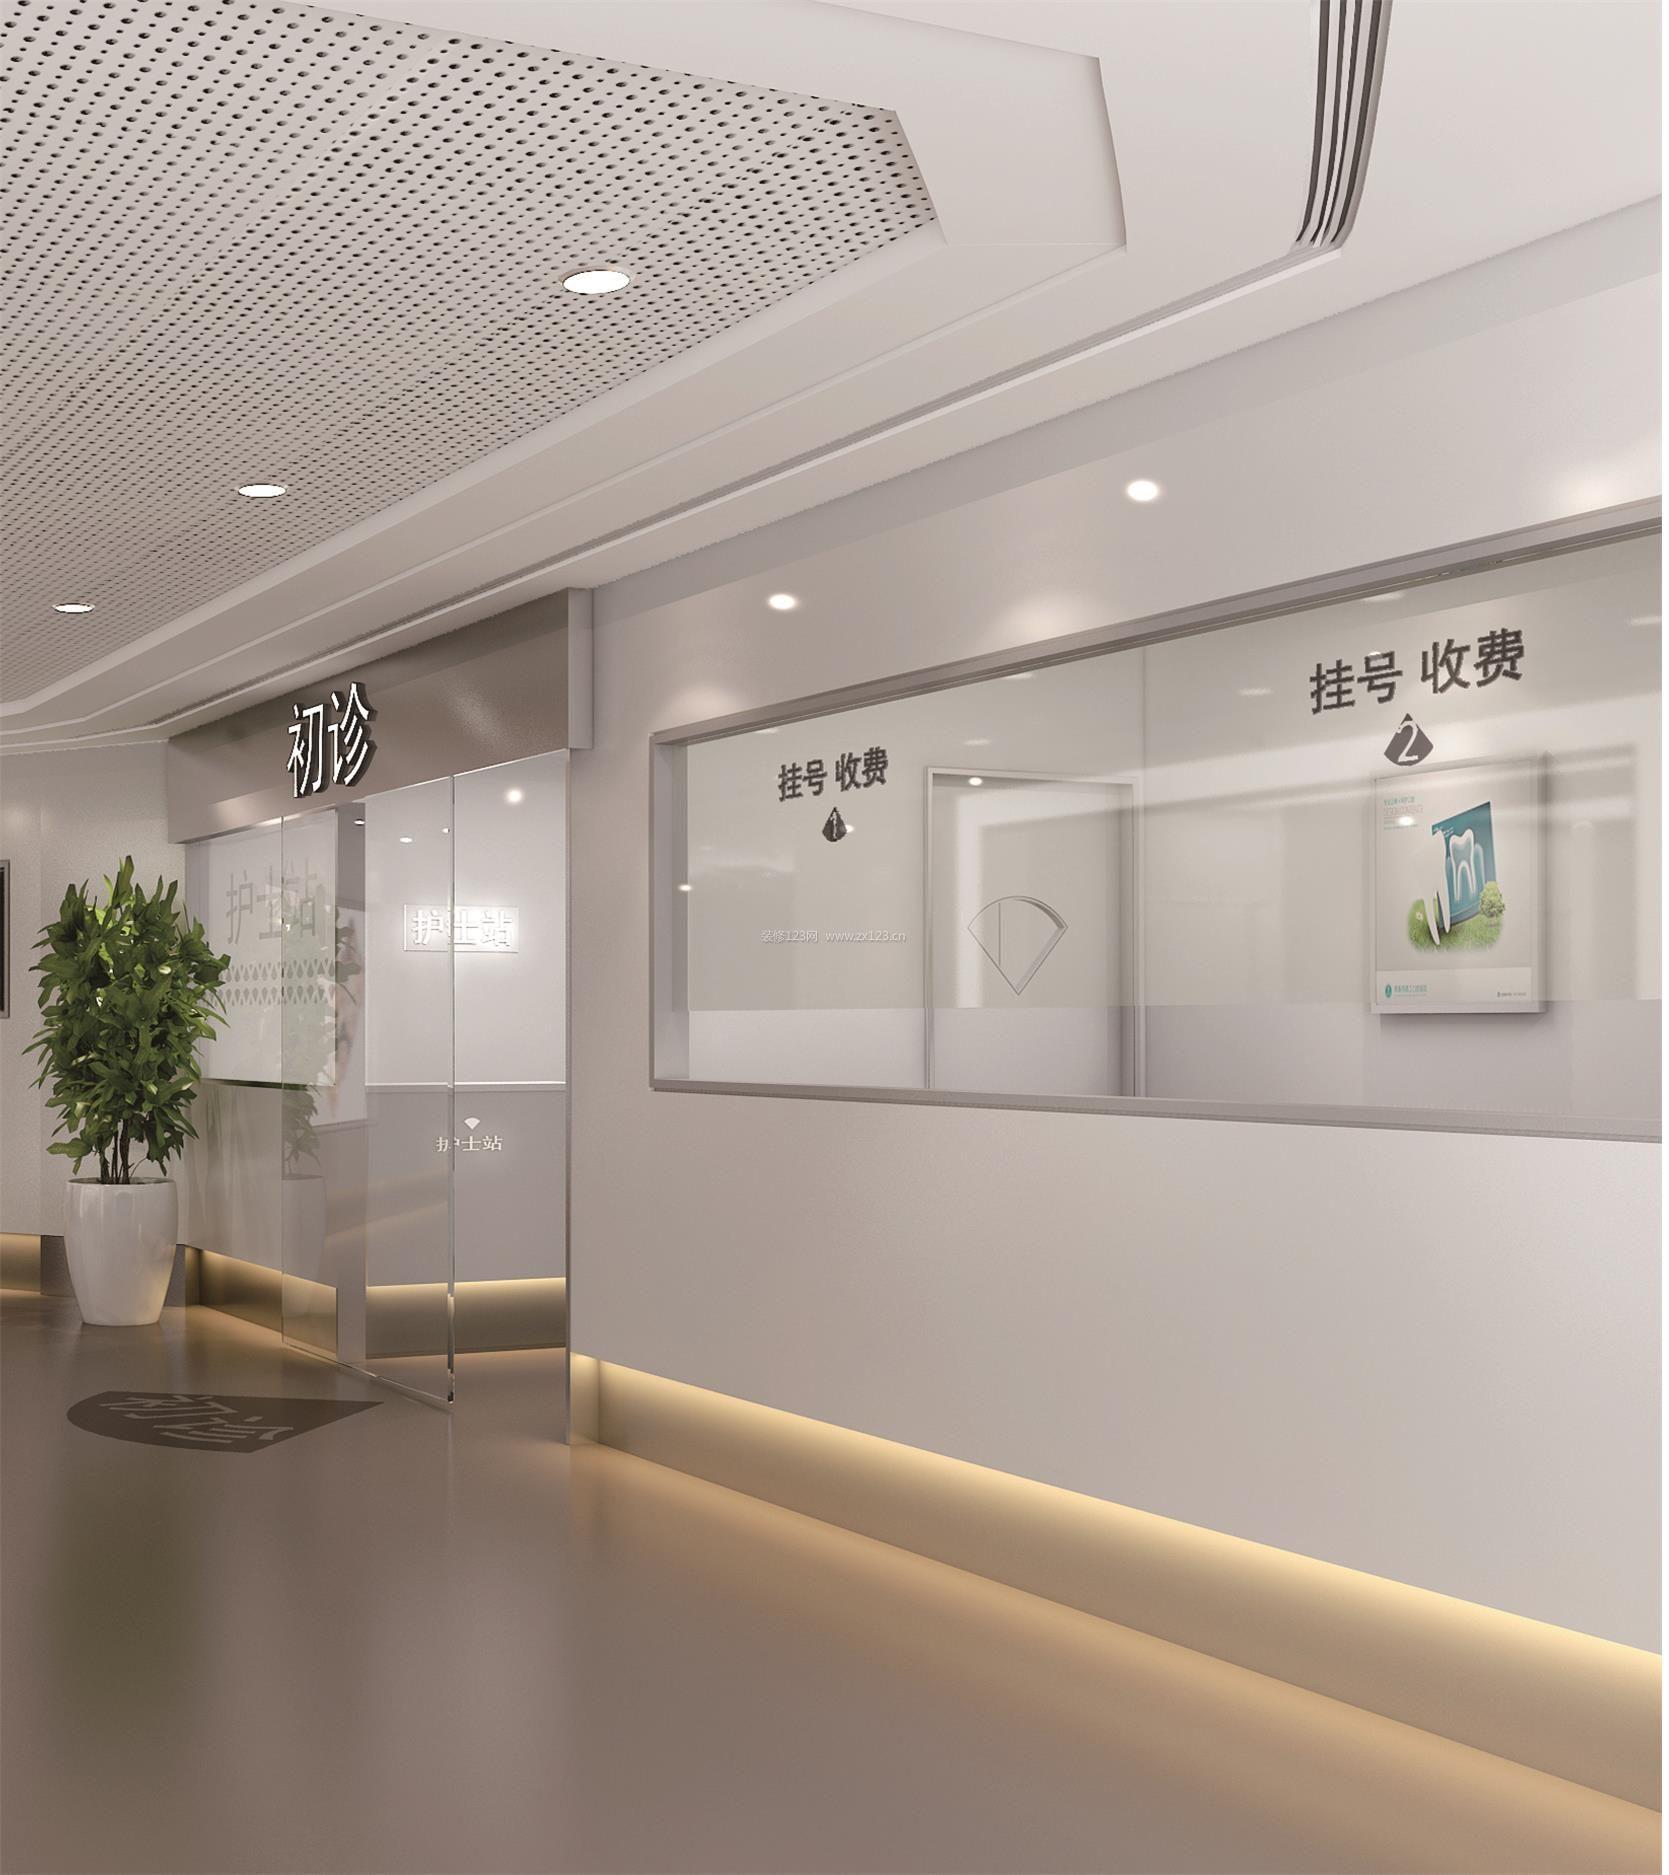 2017现代风格口腔医院装修设计图片